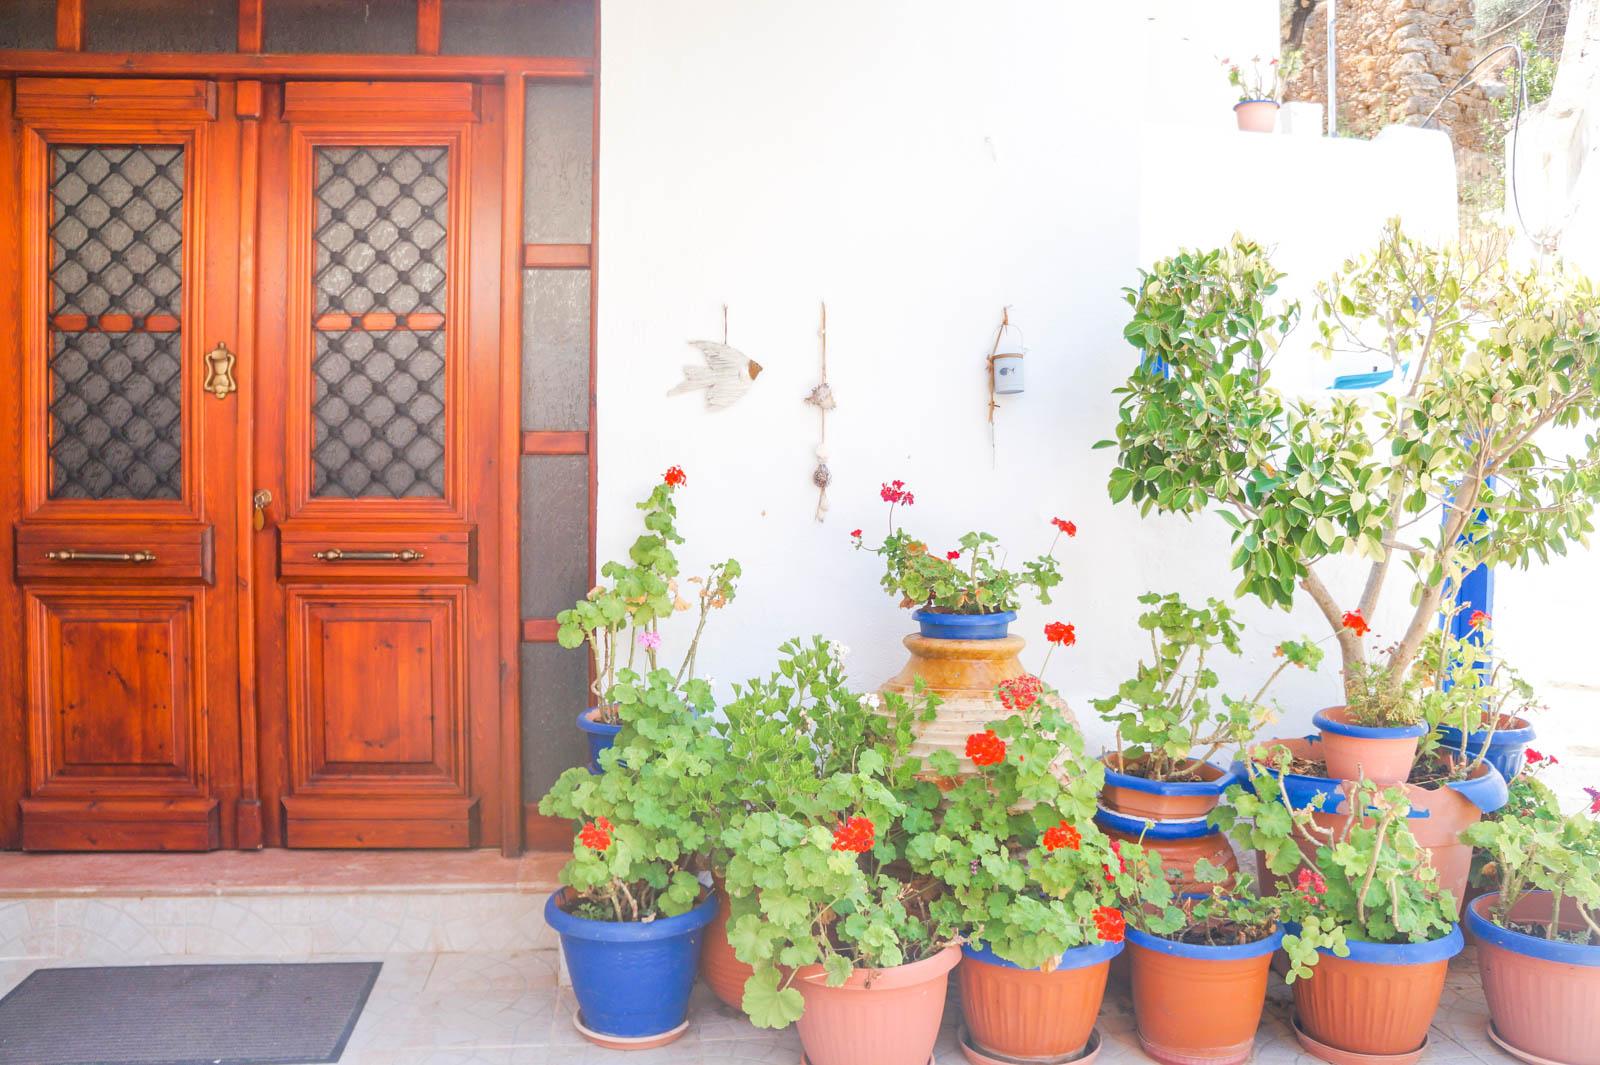 loutro-crete-greece-la-vie-en-blog-all-rights-reserved-9